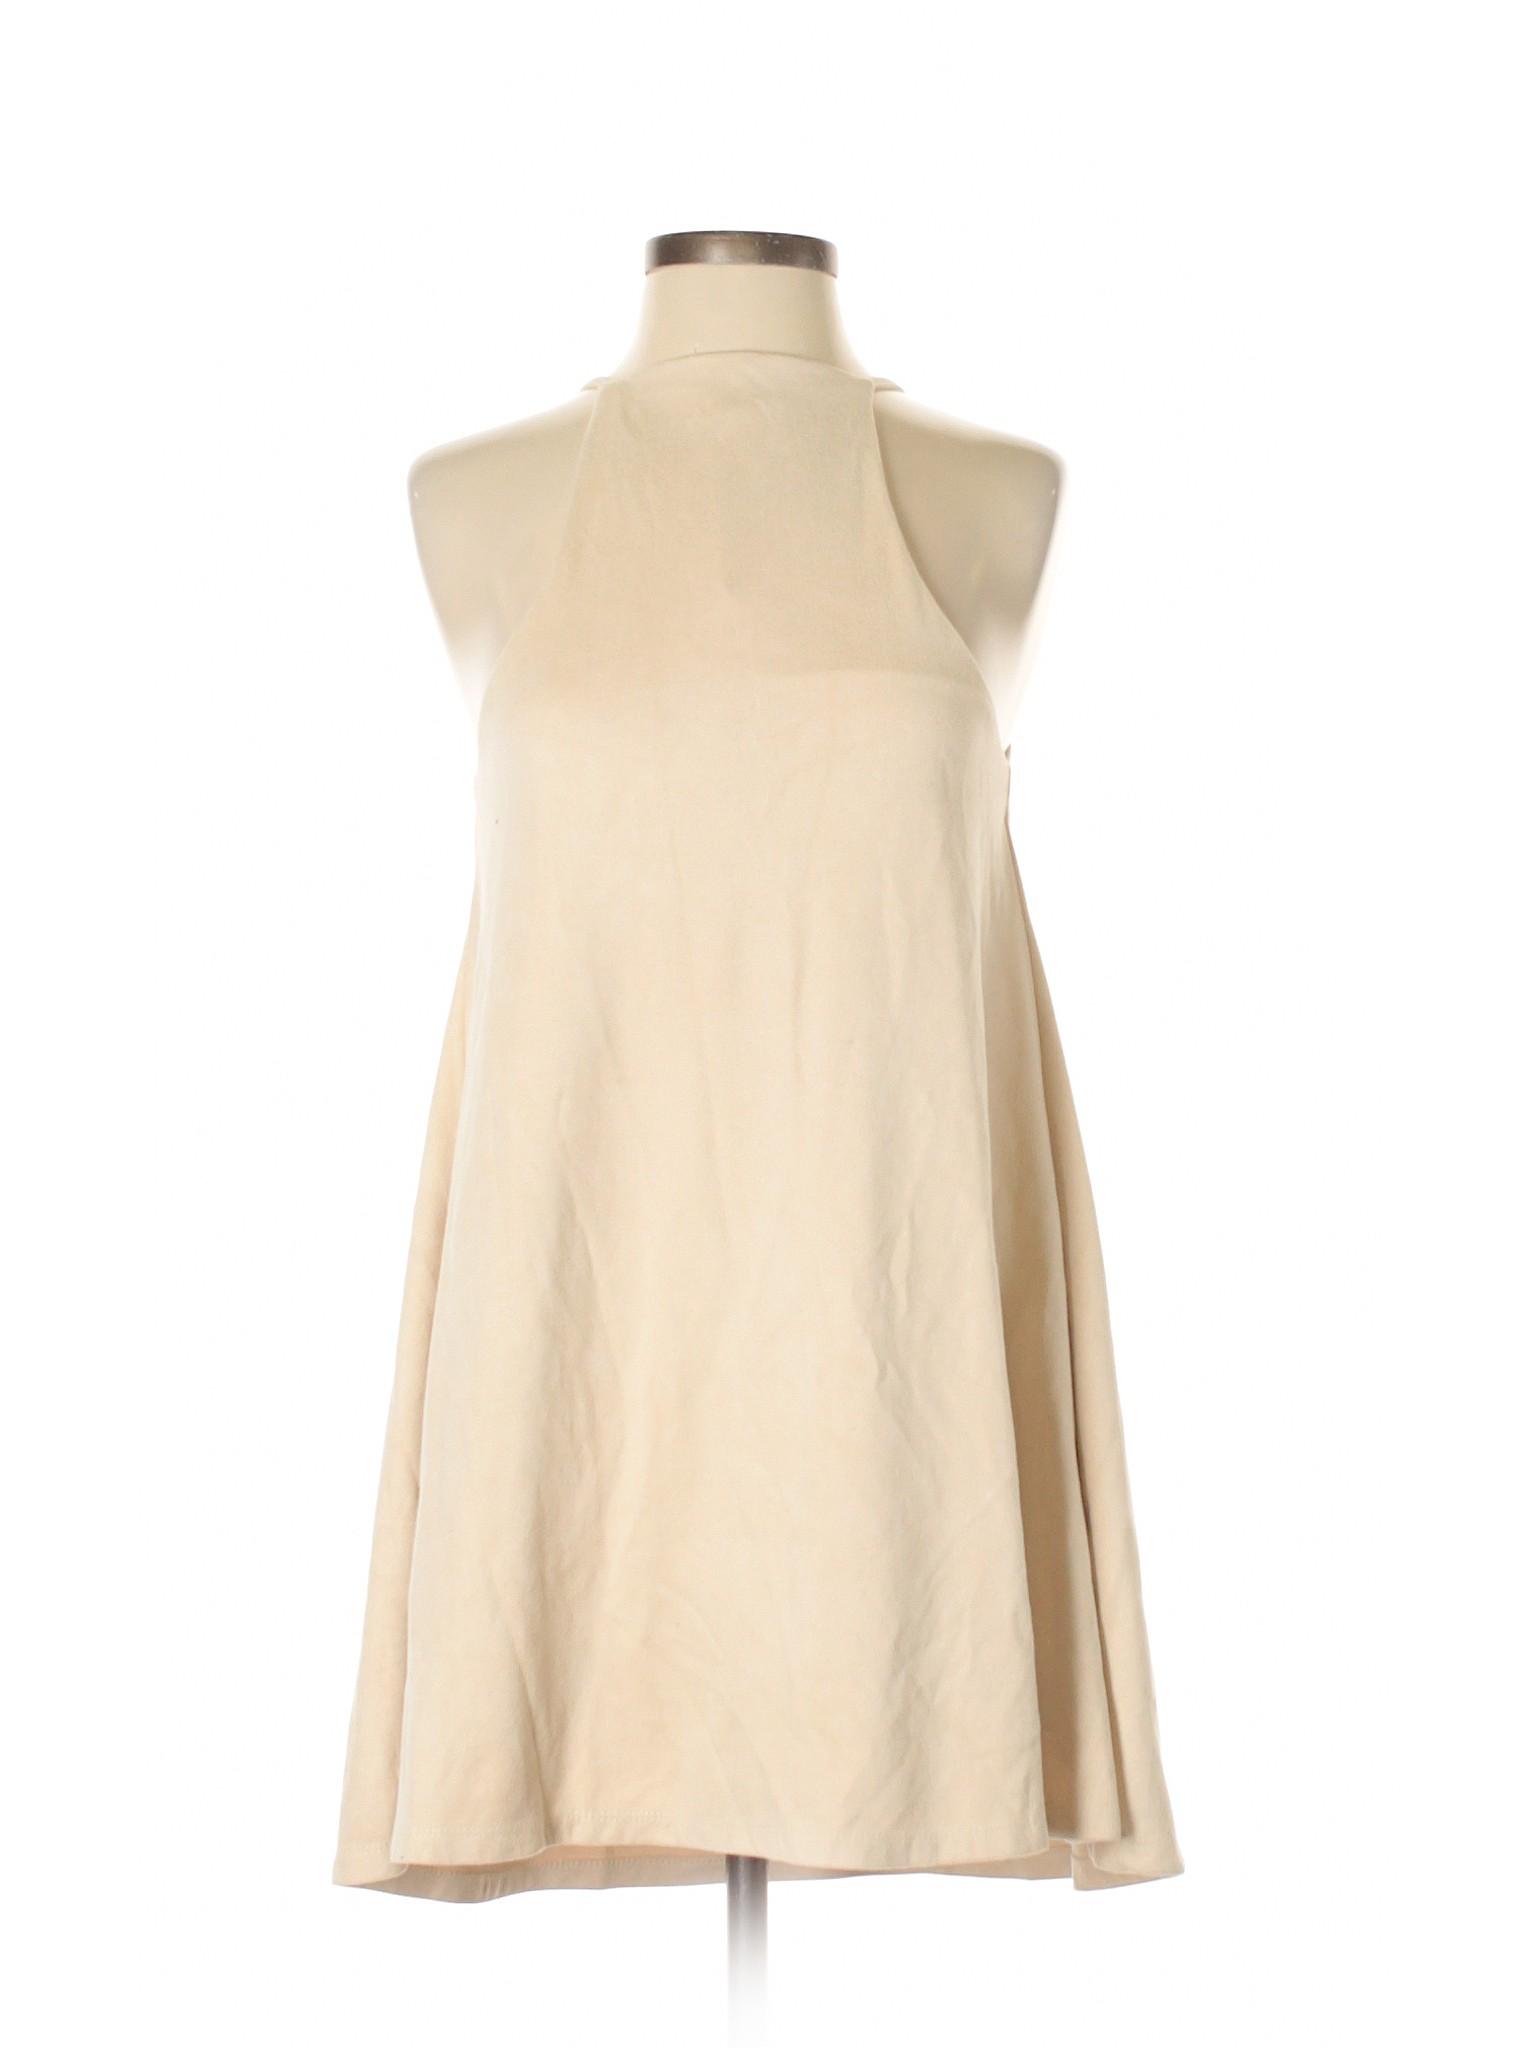 Wishlist Wishlist Wishlist Casual Winter Boutique Casual Winter Dress Boutique Boutique Winter Dress Casual Dress qAHpxnwZg